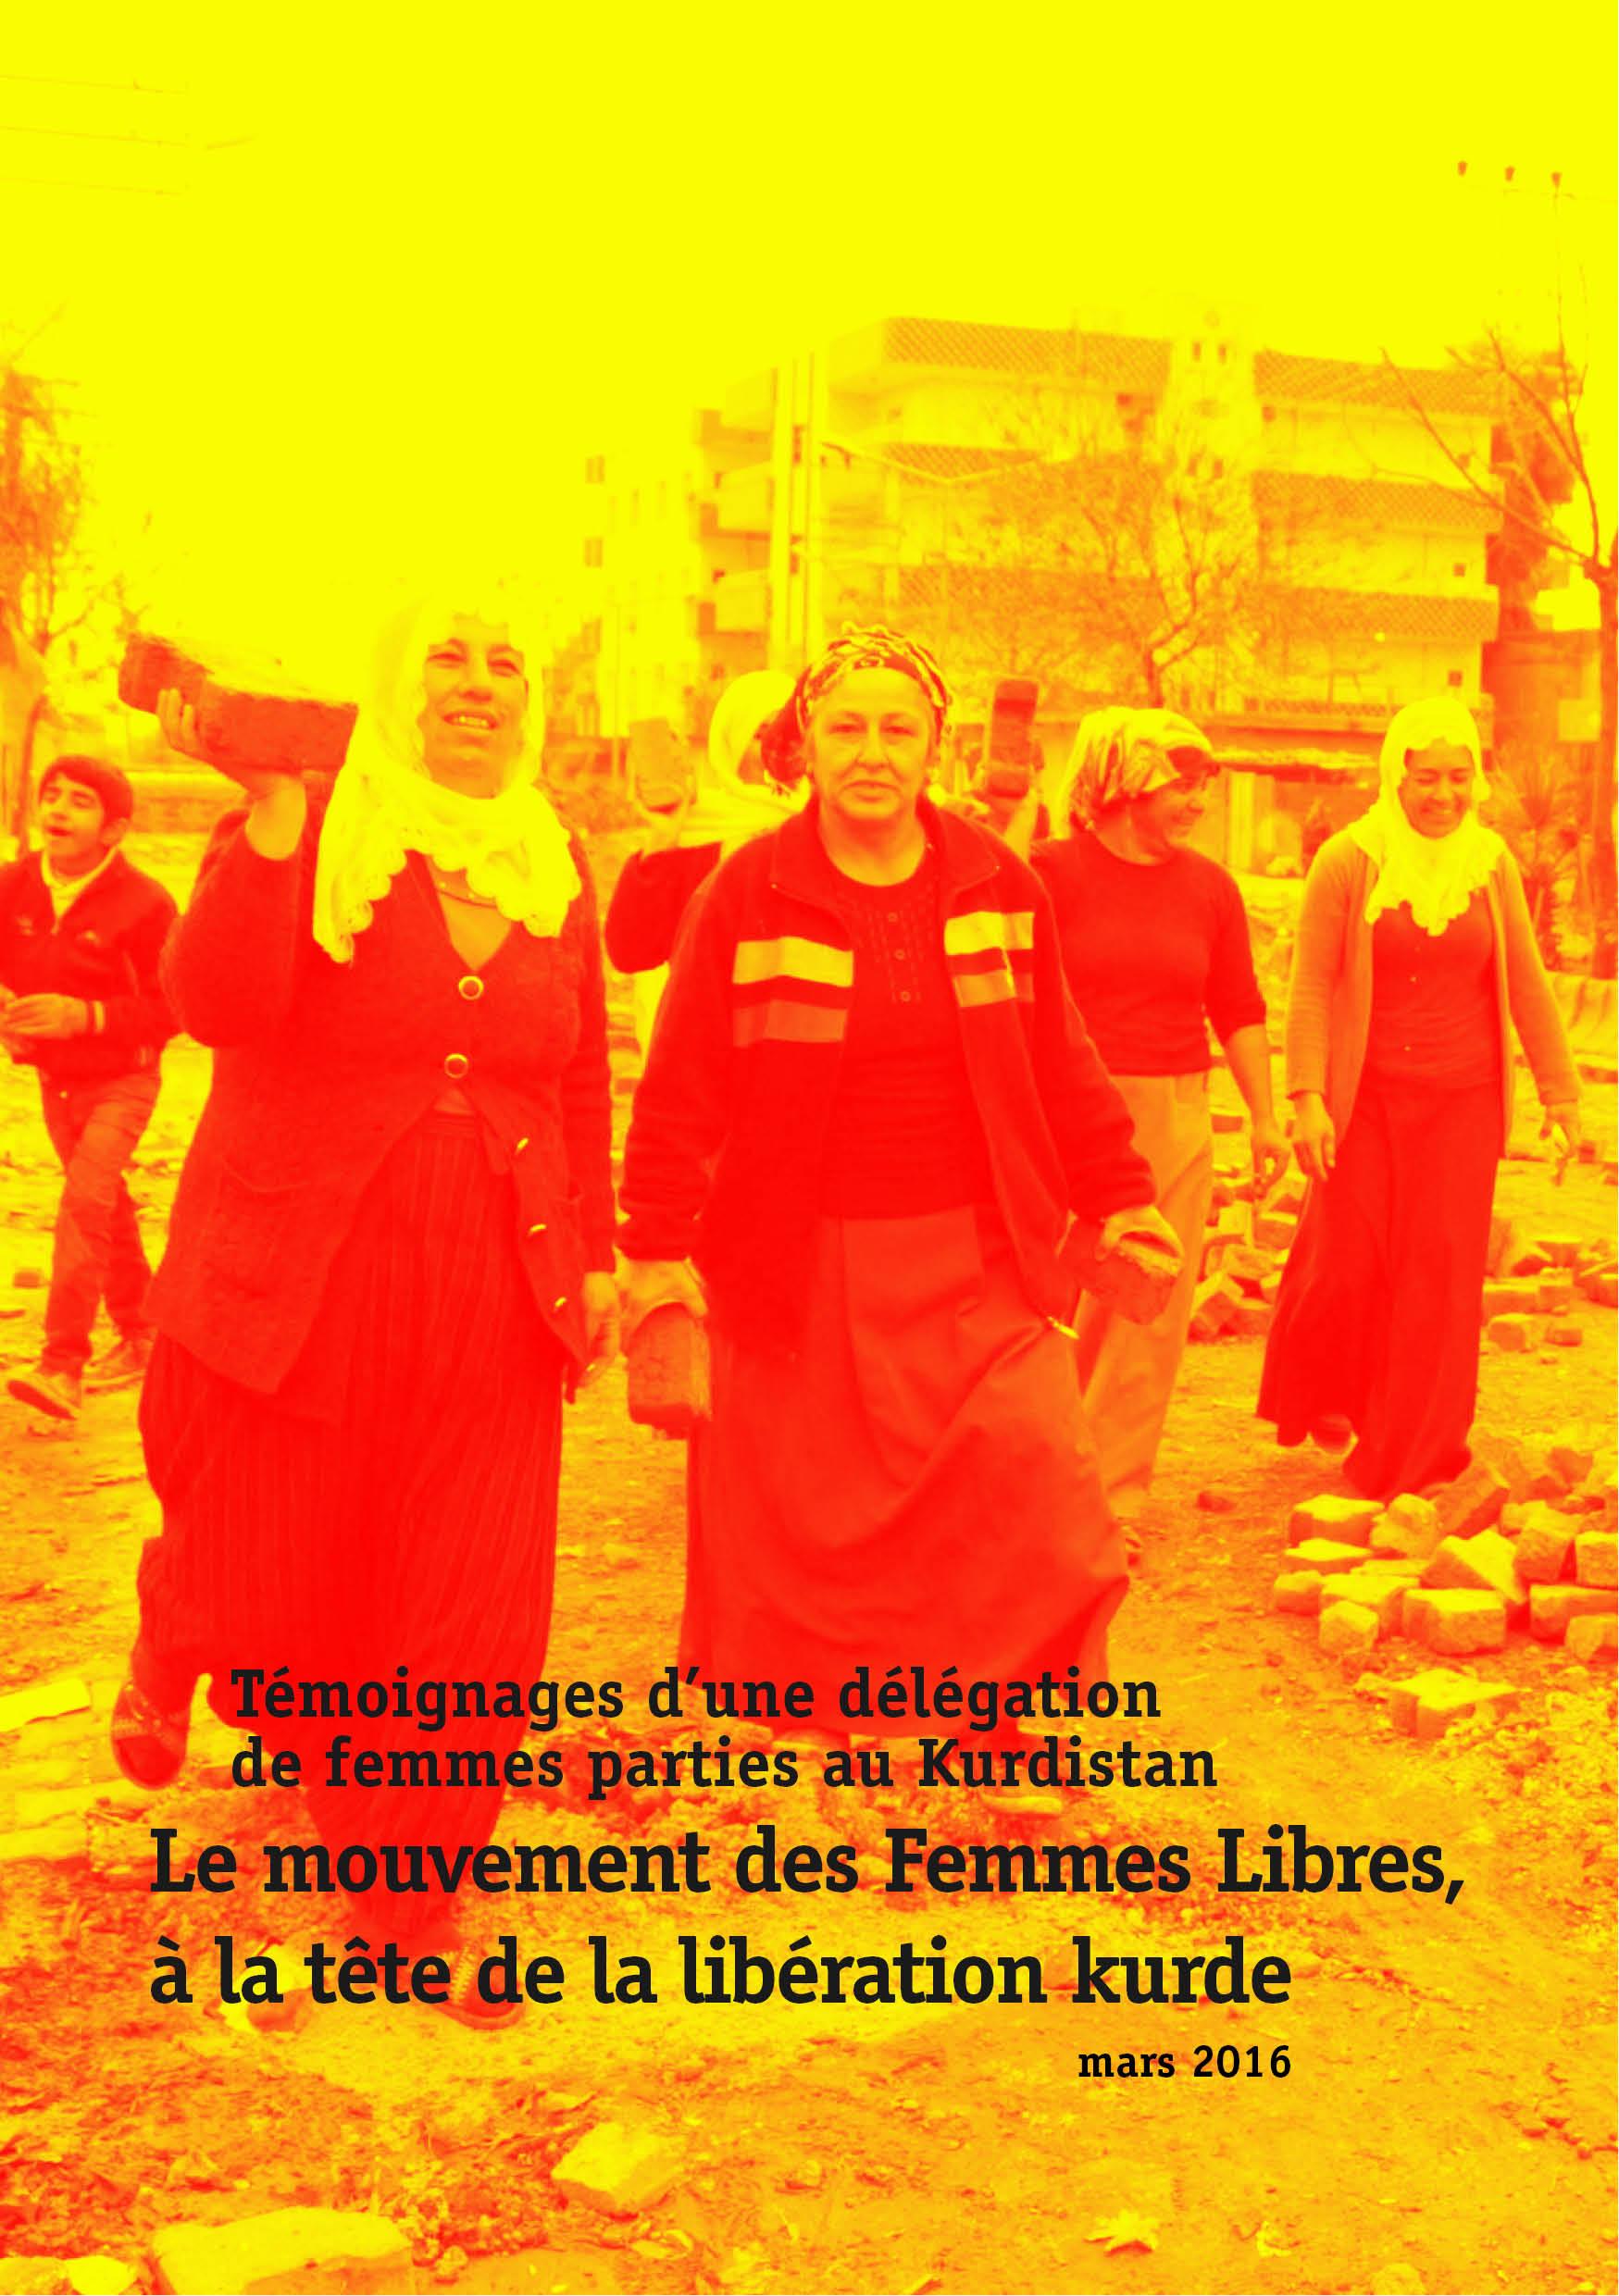 [Brochure] Le mouvement des Femmes Libres, à la tête de la libération kurde